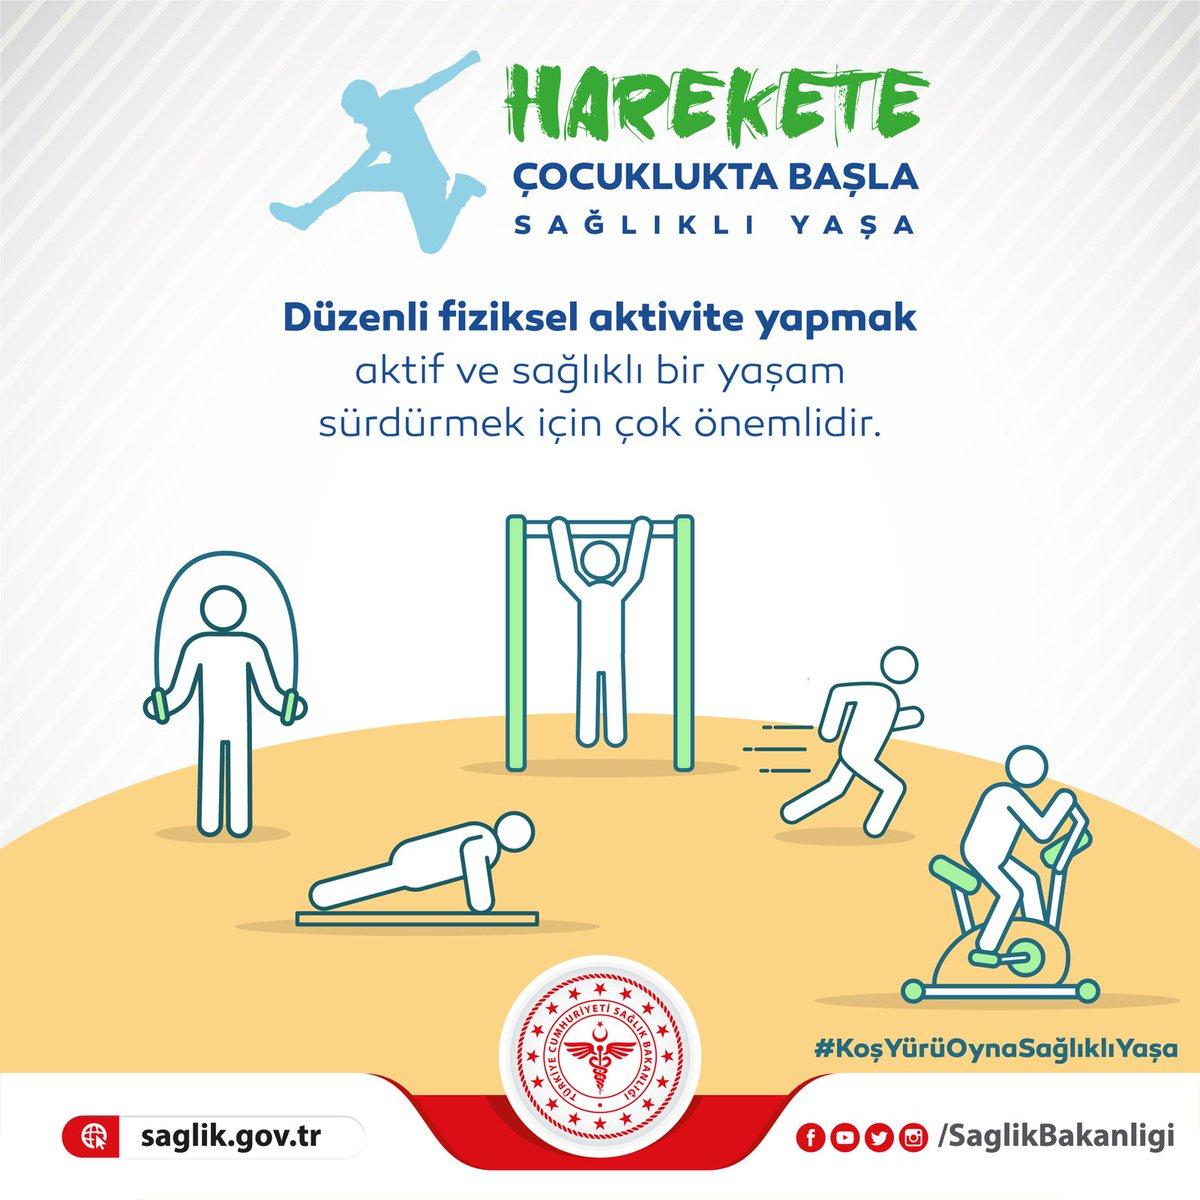 Düzenli fiziksel aktivite yapmak çocukların sağlıklı büyümesi, gelişmesi, hastalıklardan korunması, aktif ve sağlıklı bir yaşam sürdürmesi için çok önemlidir. #KoşYürüOynaSağlıklıYaşa